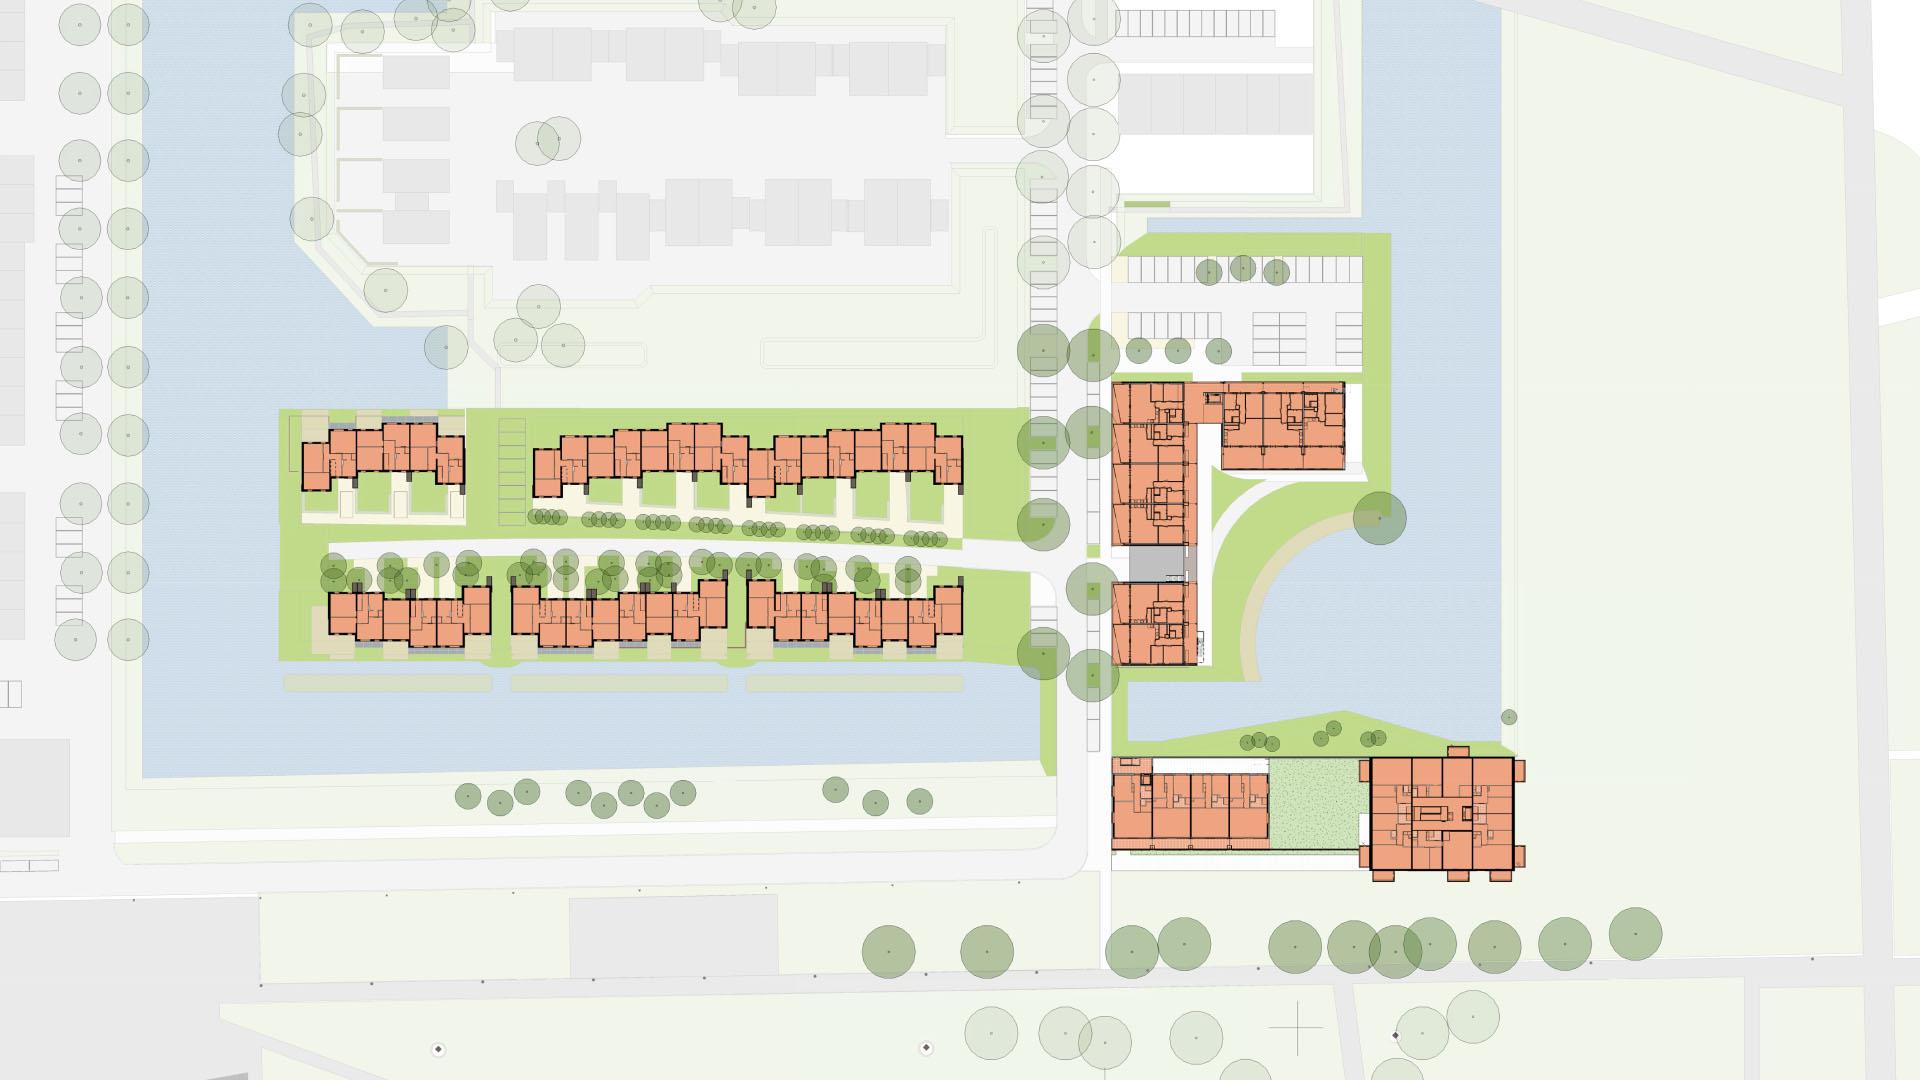 BFAS_Utrecht_Terwijde_Parkblok_situatie_stedenbouw_woningbouw.jpg